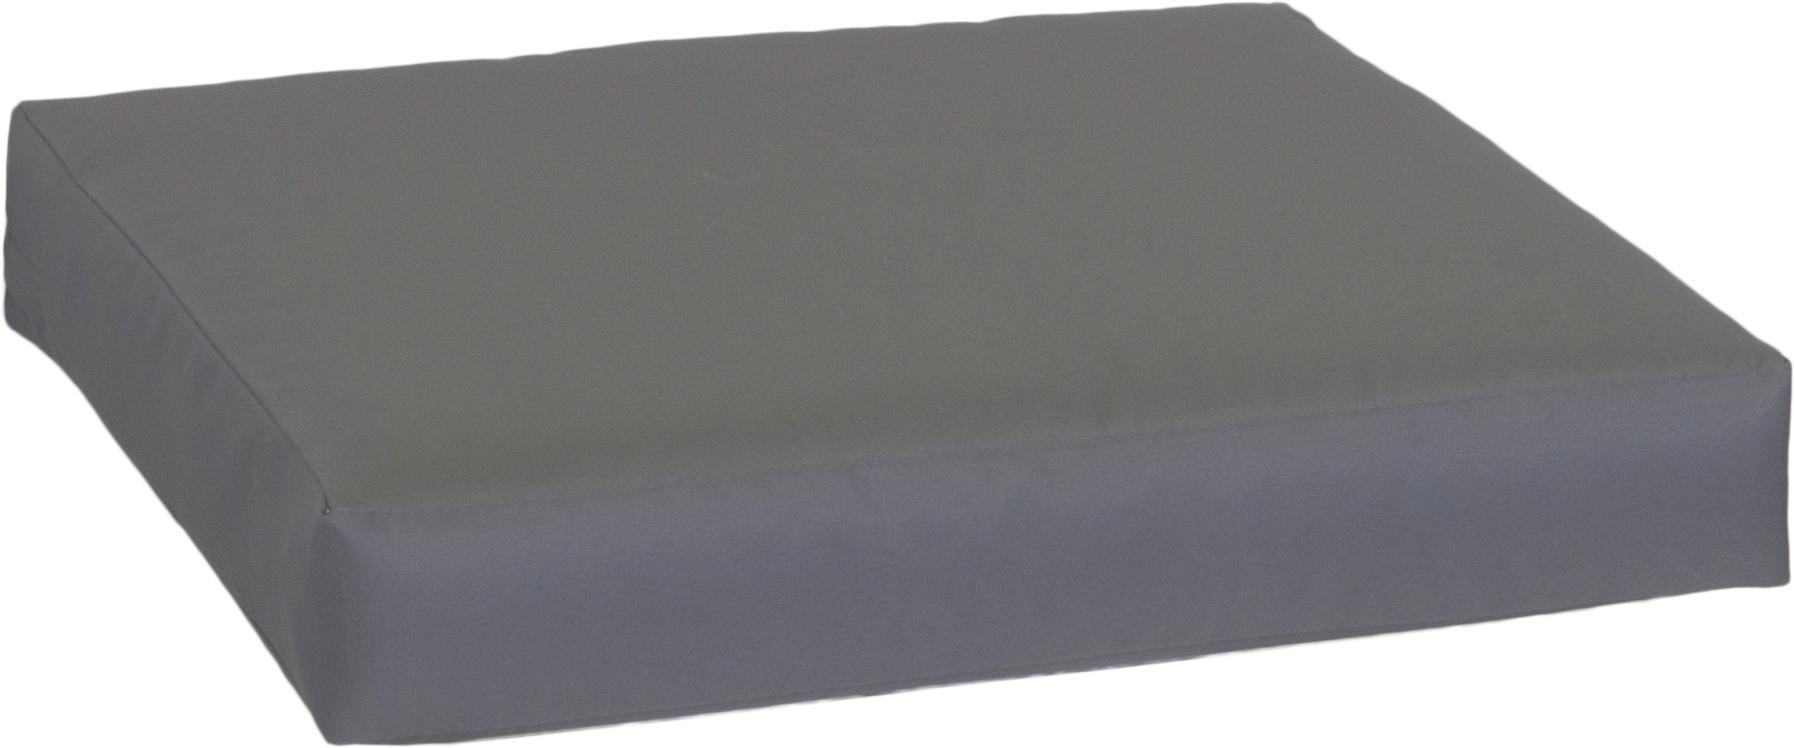 Kissen für Rattan Gartengruppen ca. 50 x 50 cm in anthrazit 100% Polyester wasserabweisend